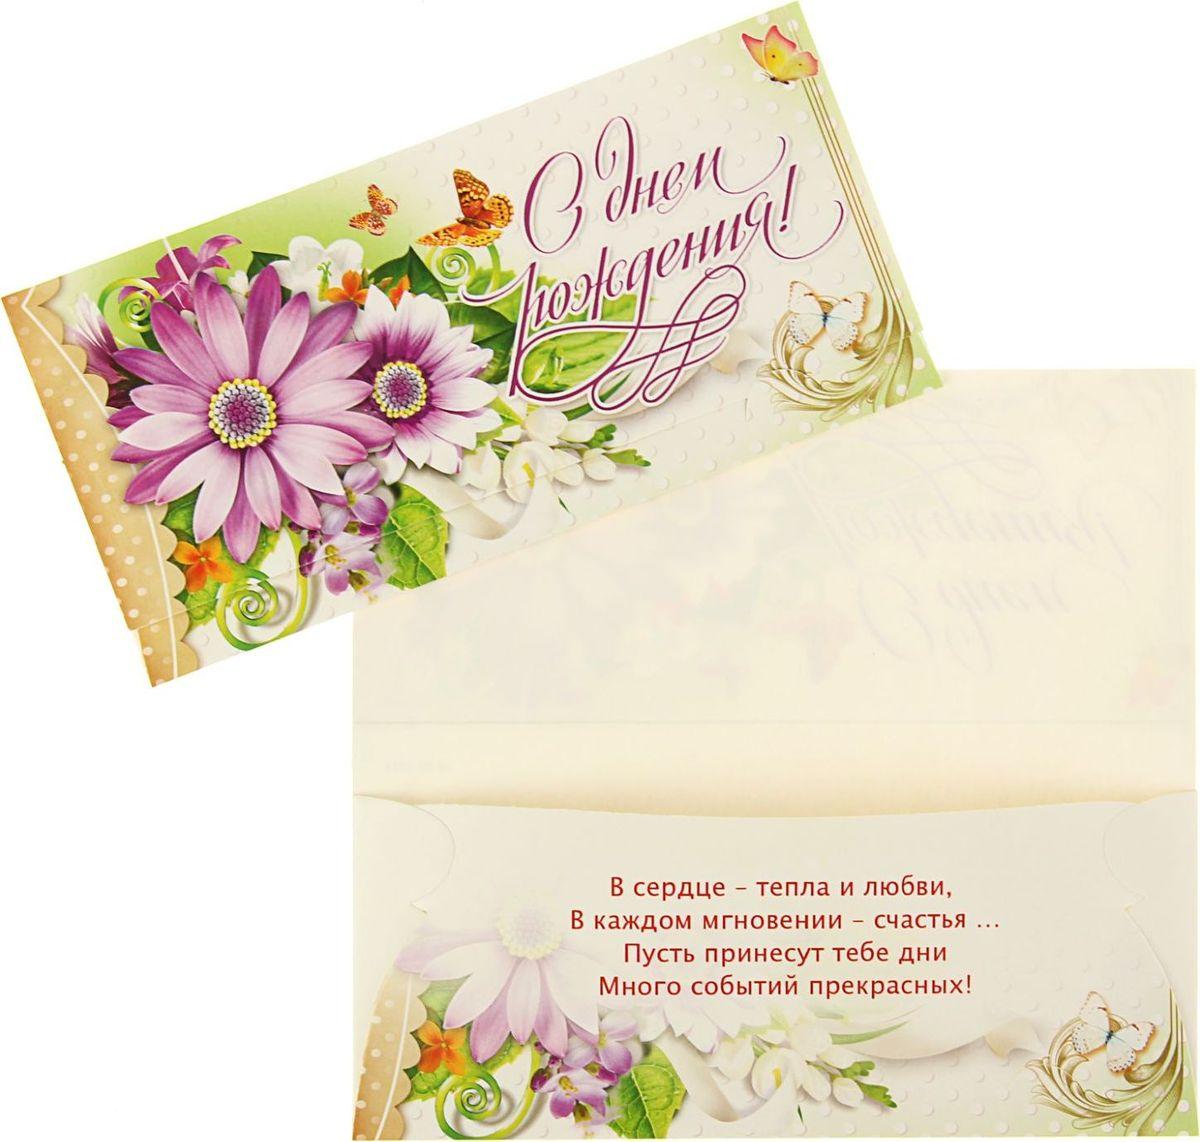 Конверт для денег Эдельвейс С Днем Рождения! Сиреневые цветы на зеленом фоне, 16 х 8 см1392795Конверт для денег С Днем Рождения! Сиреневые цветы на зеленом фоне выполнен из плотной бумаги и украшен яркой картинкой, которая вызовет улыбку. Это необычная красивая одежка для денежного подарка, а так же отличная возможность сделать его более праздничным и создать прекрасное настроение! Конверт содержит небольшое стихотворное поздравление.